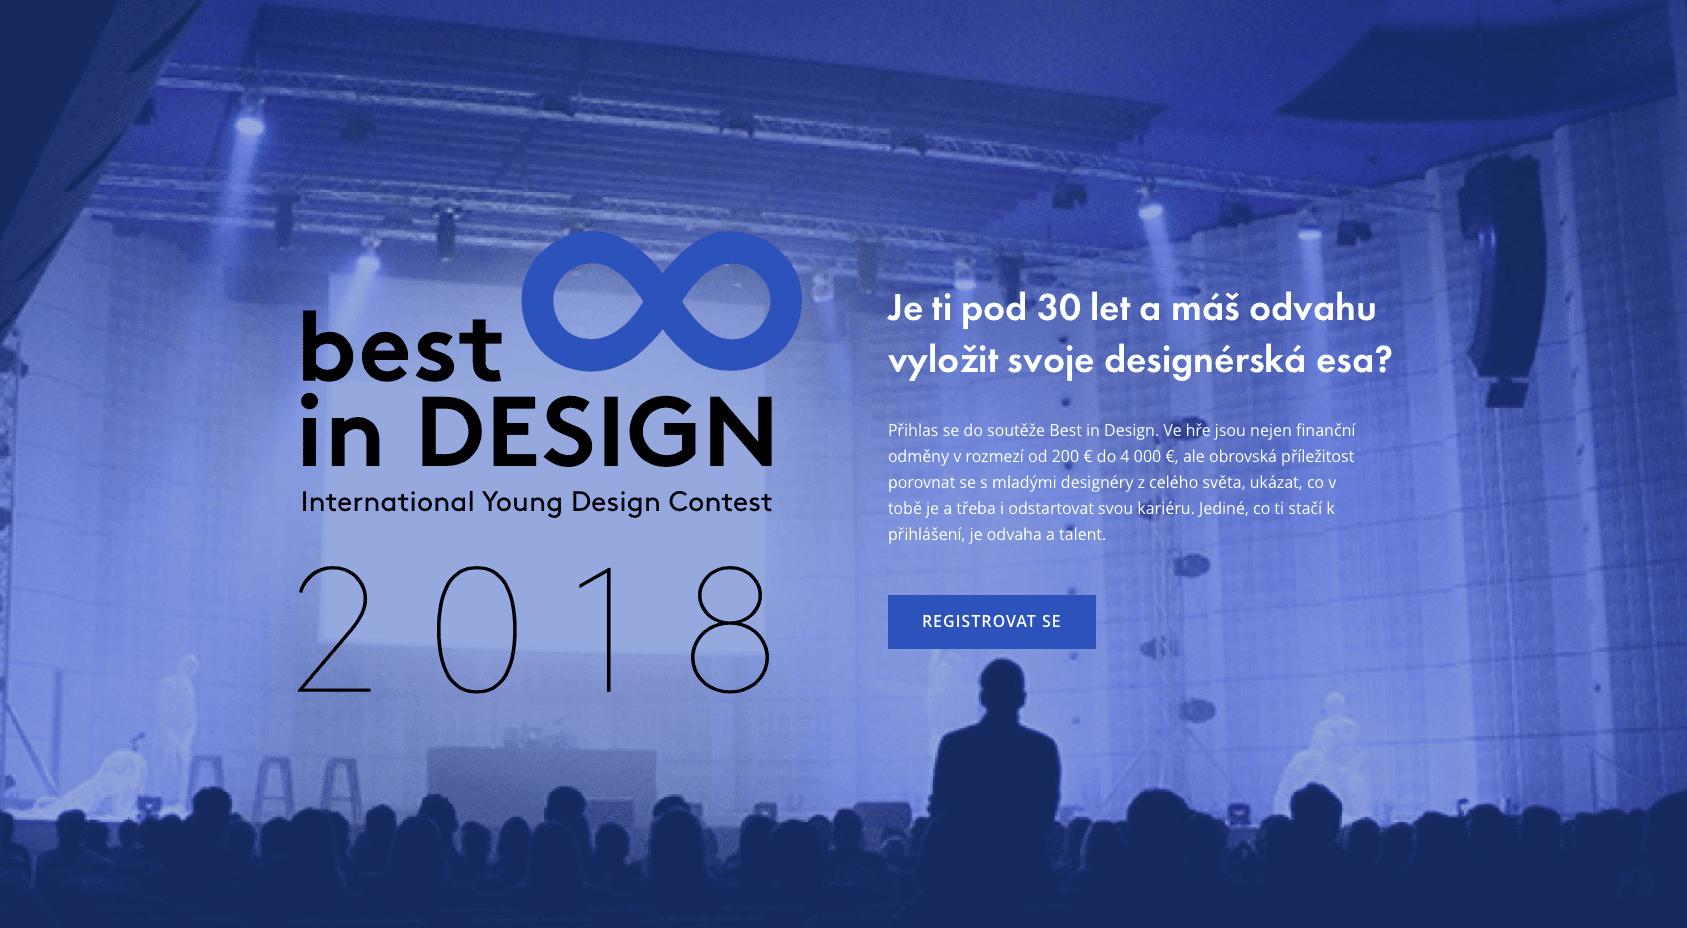 Best in Design - Soutěž Best in Design i letos pomáhá mladým tvůrcům k vysněné kariéře